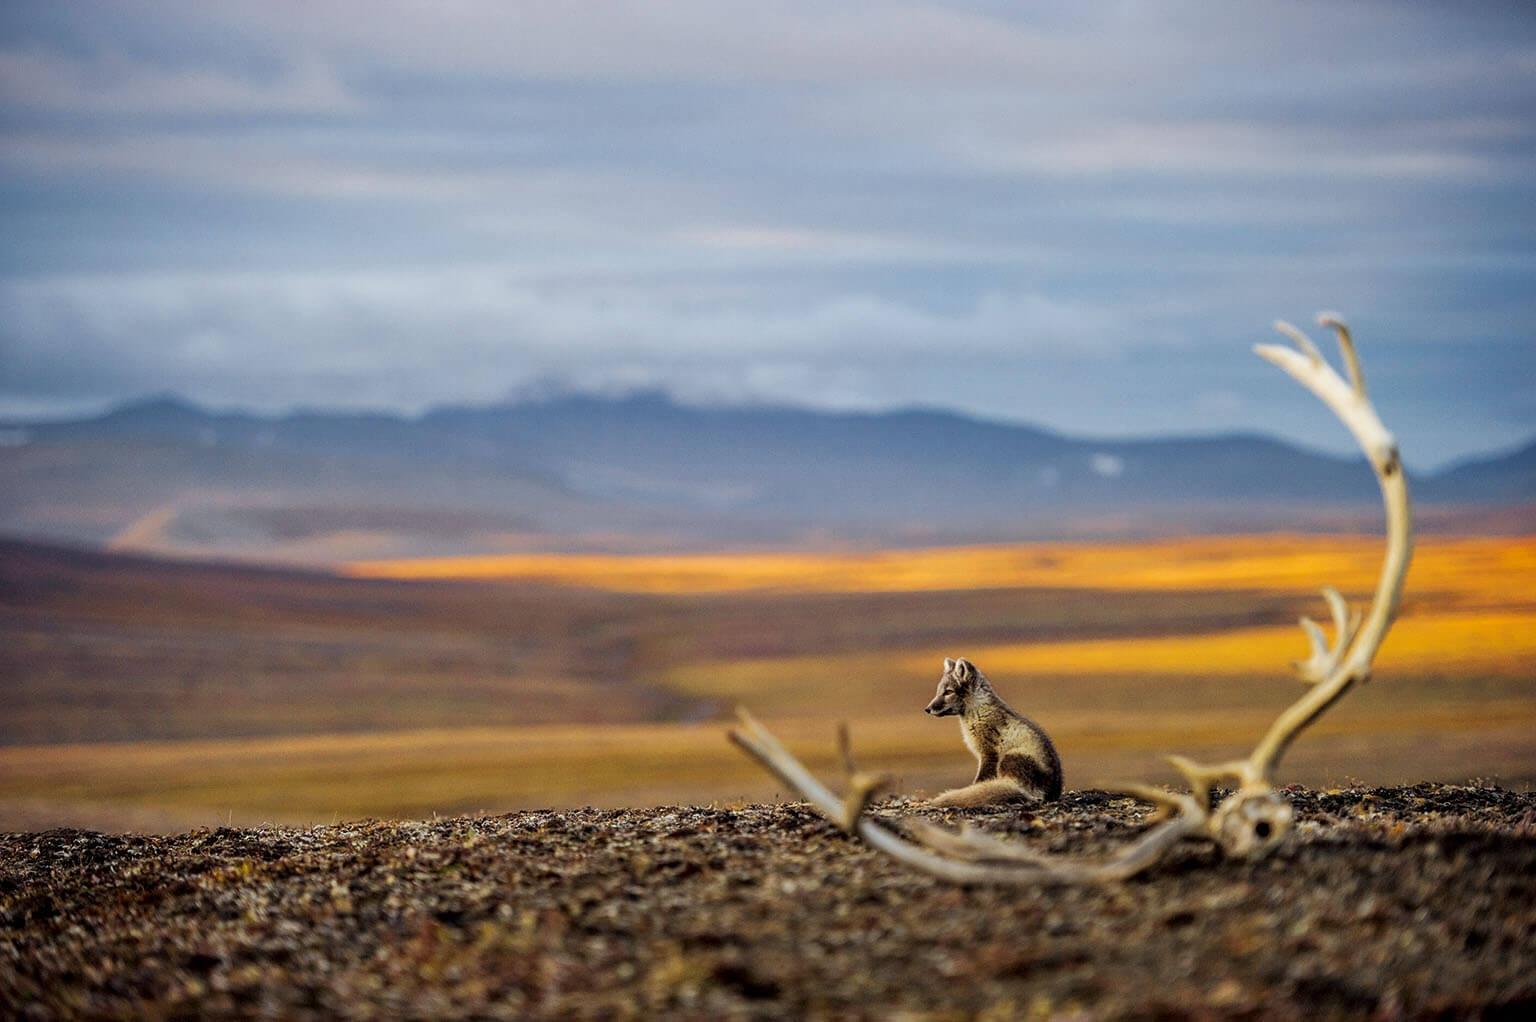 楚克奇海的夫蘭格爾島上,夕陽餘暉照在被馴鹿角框住的小北極狐身上。俄羅斯擁有105個「札波維尼」,也就是所有人類造訪都受到嚴格管制的「嚴格自然保護區」,夫蘭格爾島即是其中之一。